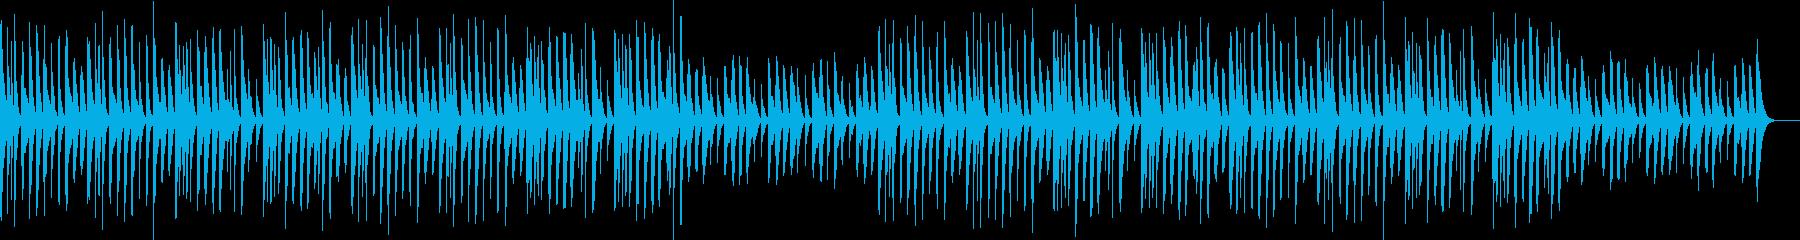 マリンバ・ほのぼの・日常の再生済みの波形